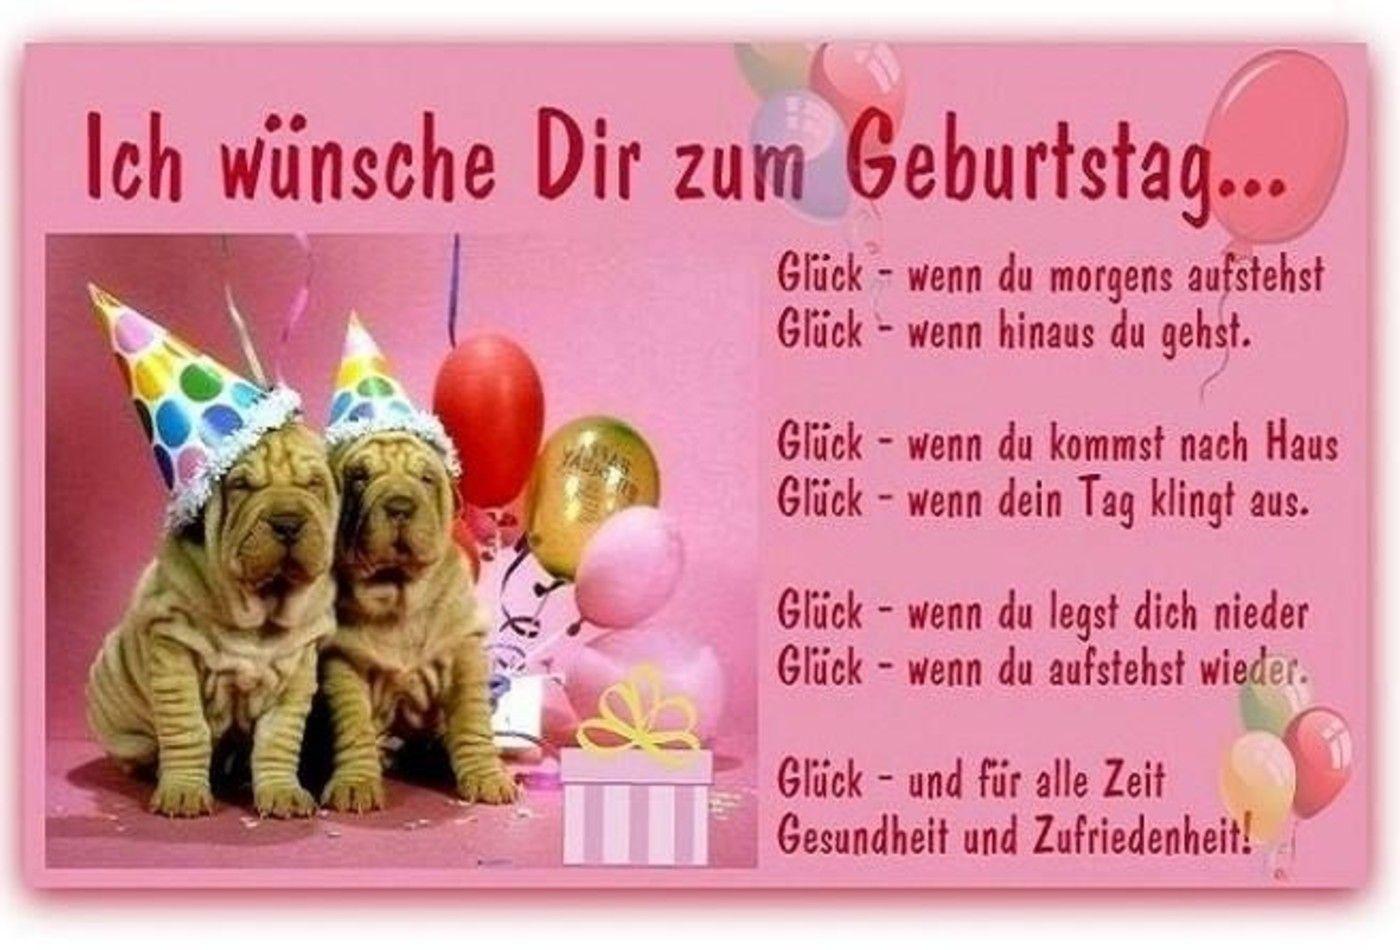 Alles Gute Zum Geburtstag Bilder 9 Gbpicsbildercom